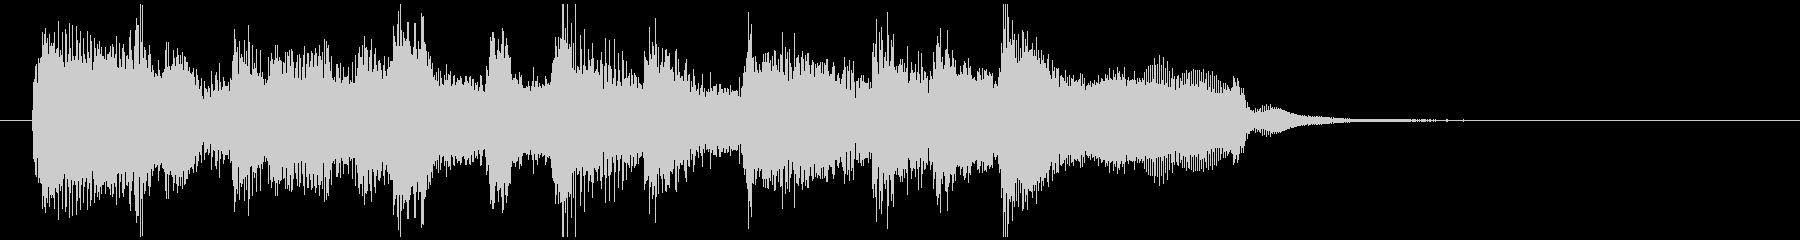 管楽器ファンクのサウンドロゴ、明るいの未再生の波形